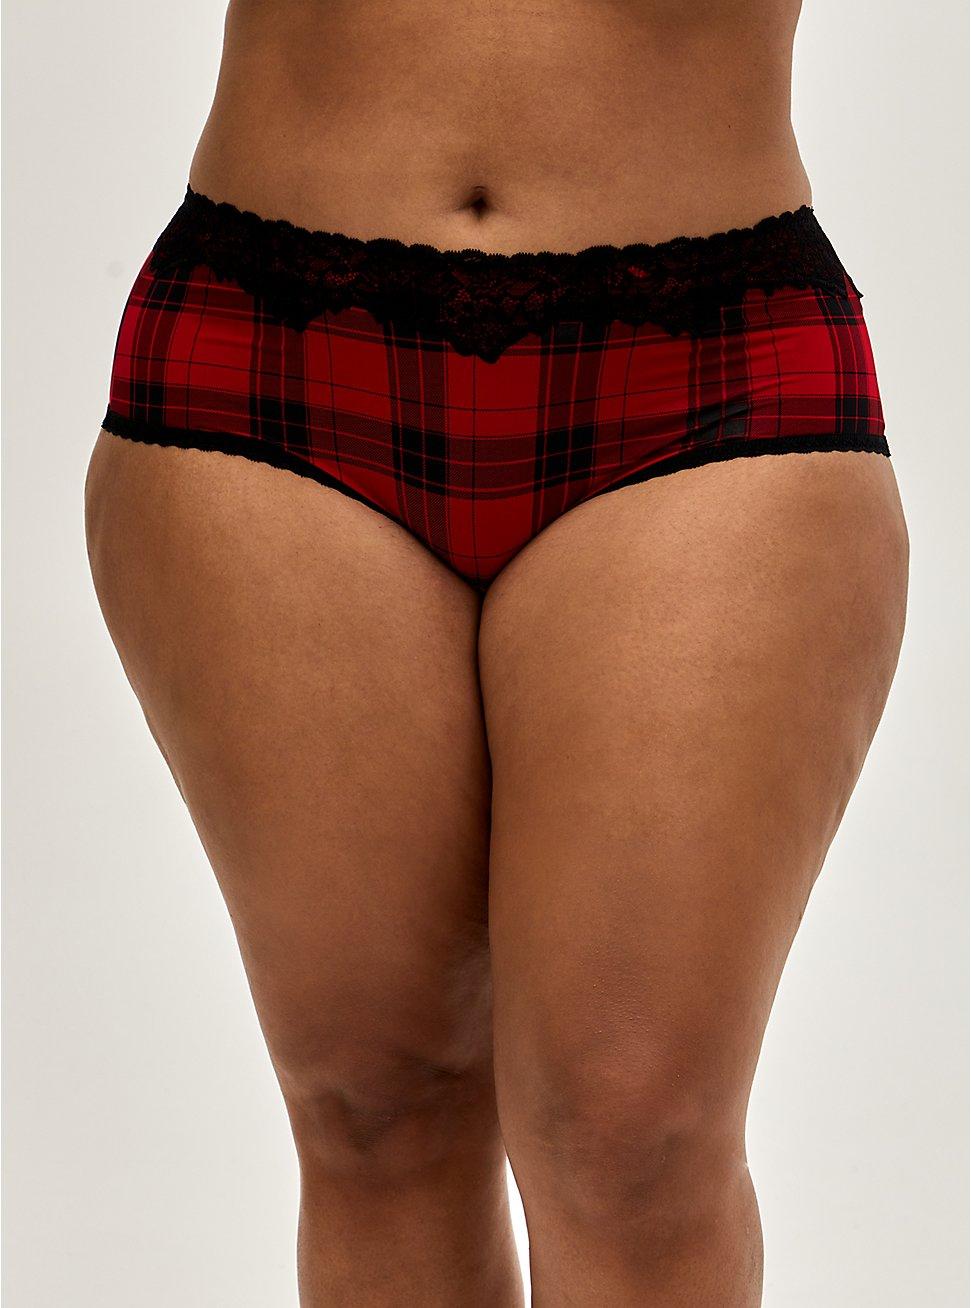 Red Plaid Shine Cheeky Panty , SPLAT PLAID, hi-res